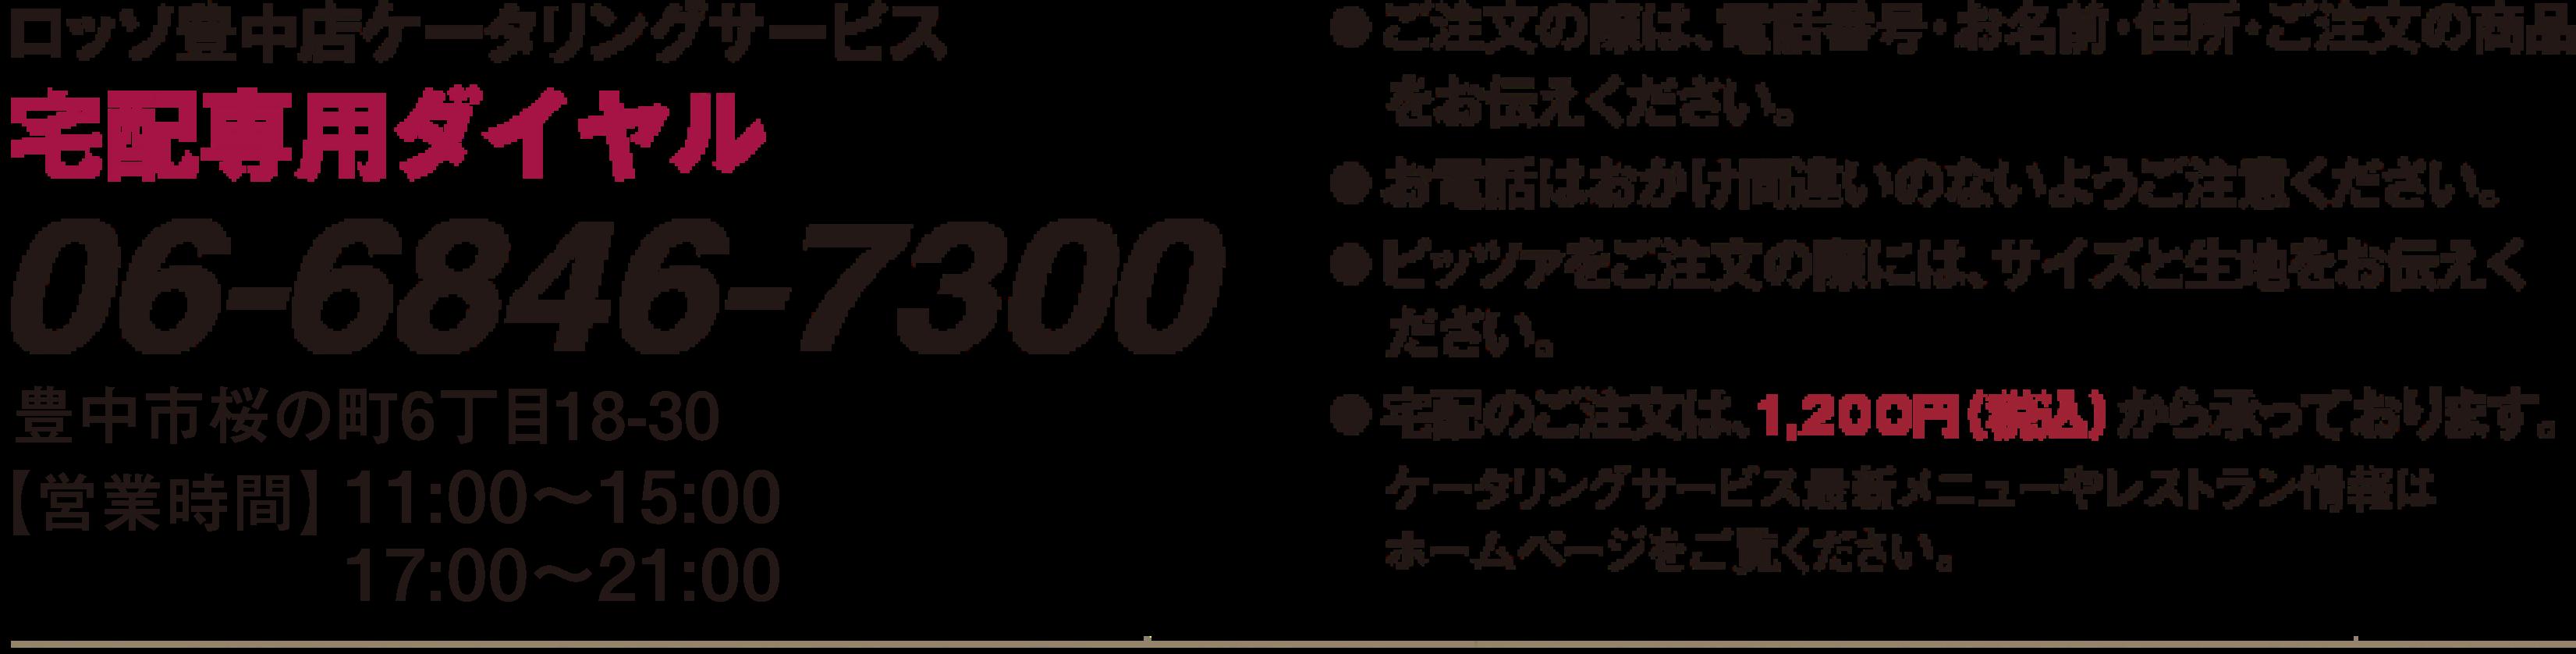 宅配専用ダイヤル 06-6846-7300